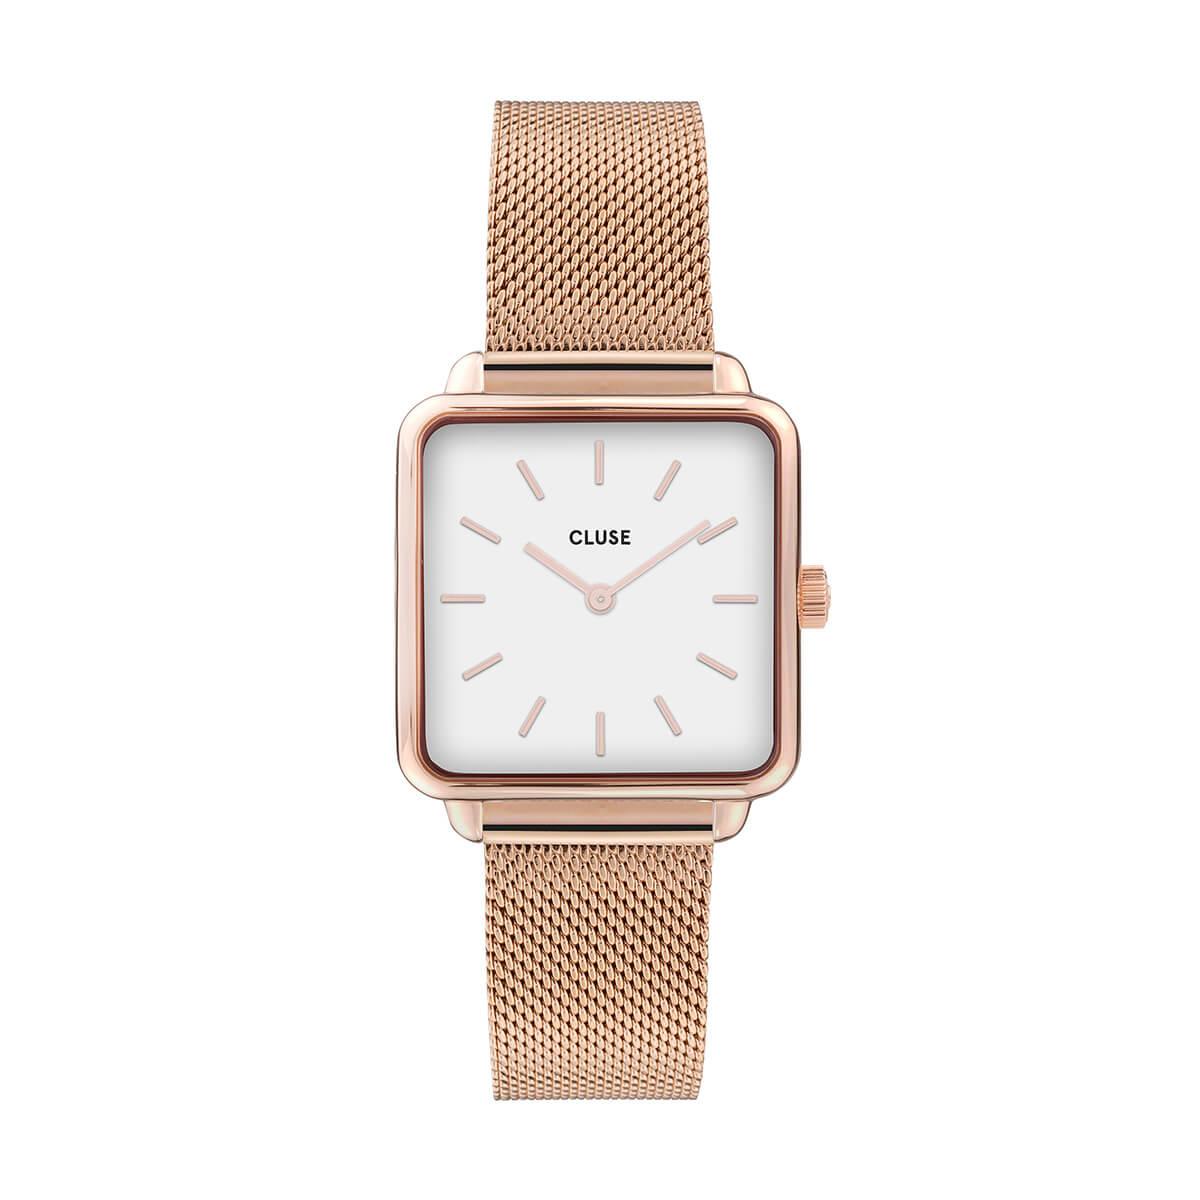 ラ・テトラゴン ローズゴールド メッシュ ホワイト 28.5mm CW0101207001 CLUSE クルース 腕時計